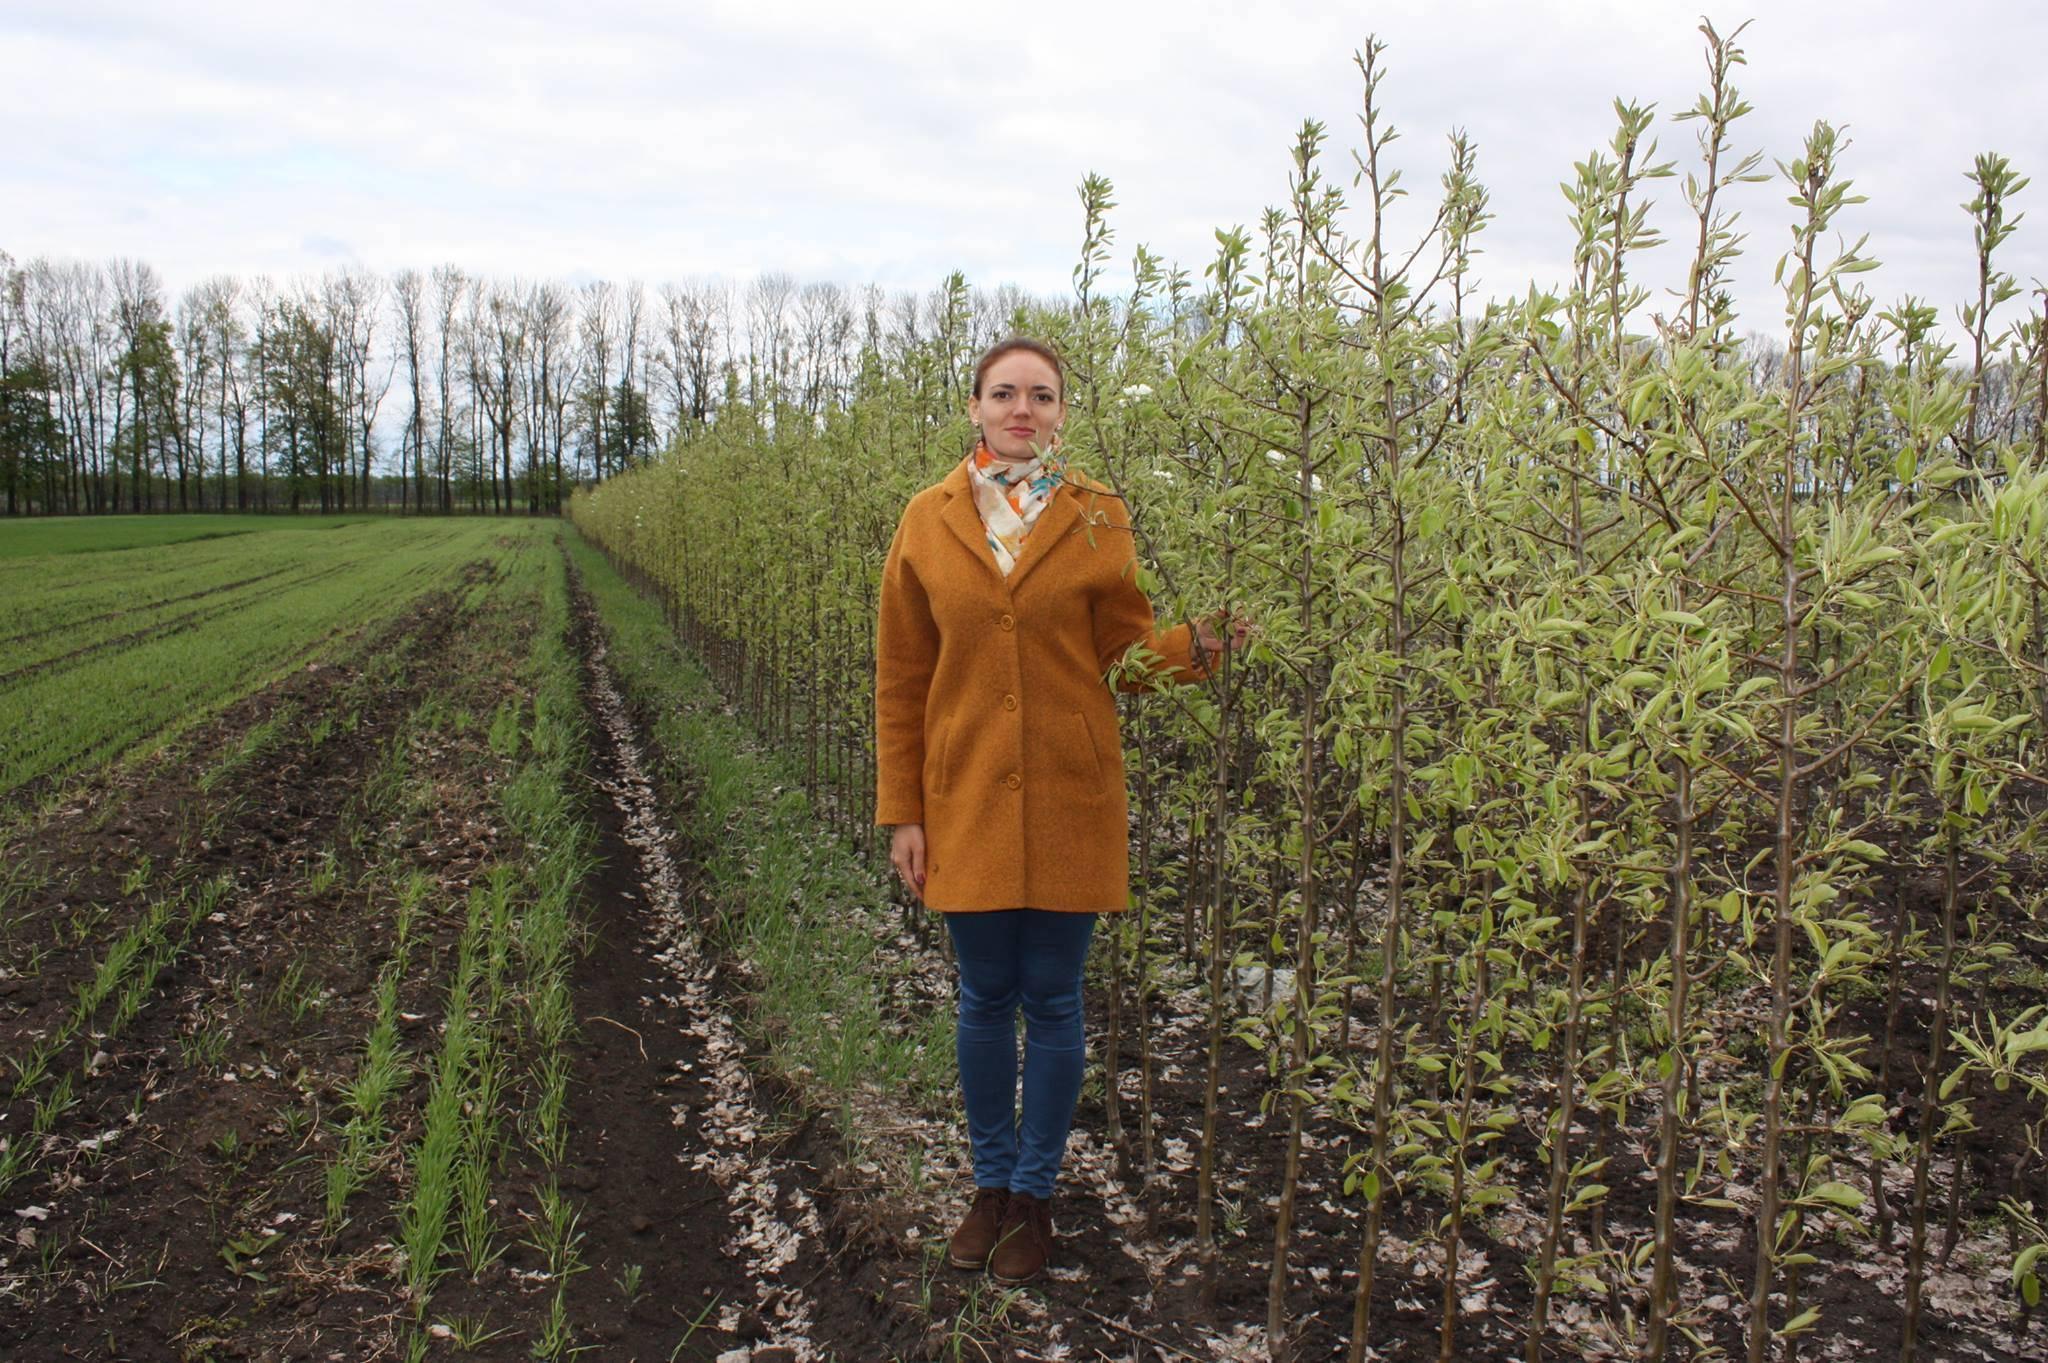 Выращивание фундука в средней полосе россии | fermer.ru - фермер.ру - главный фермерский портал - все о бизнесе в сельском хозяйстве. форум фермеров.